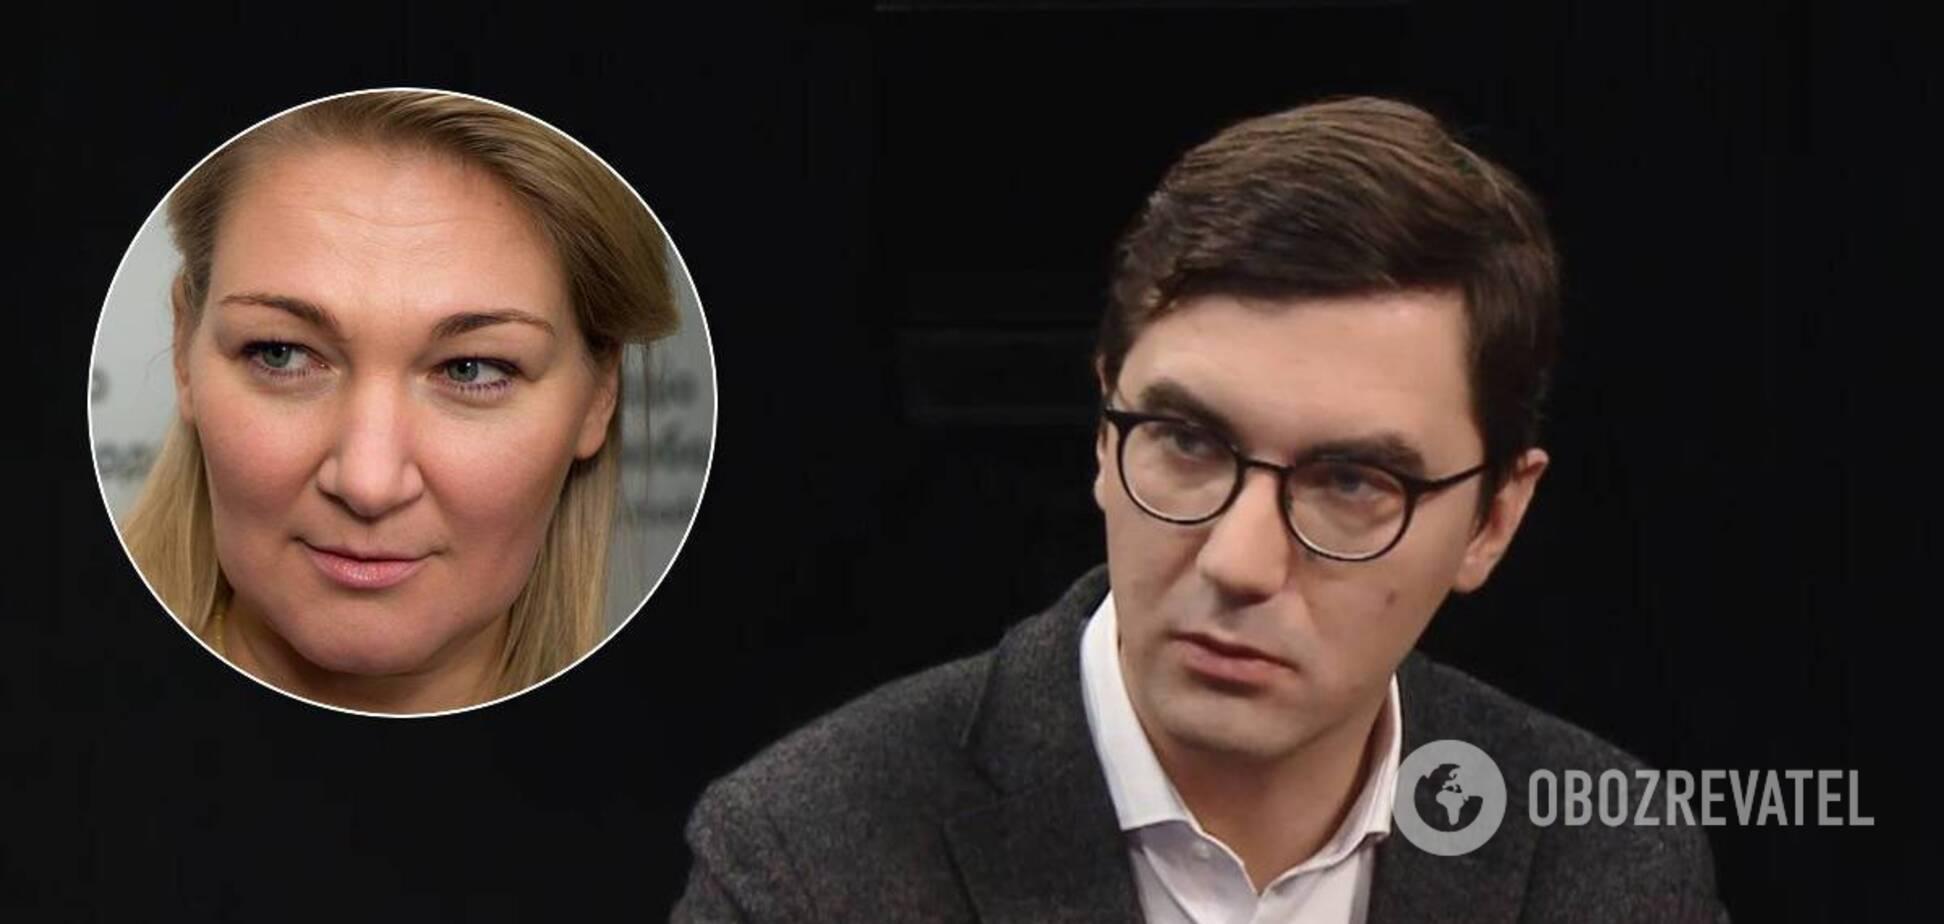 Андрей Мотовиловец извинился перед Марией Ионовой